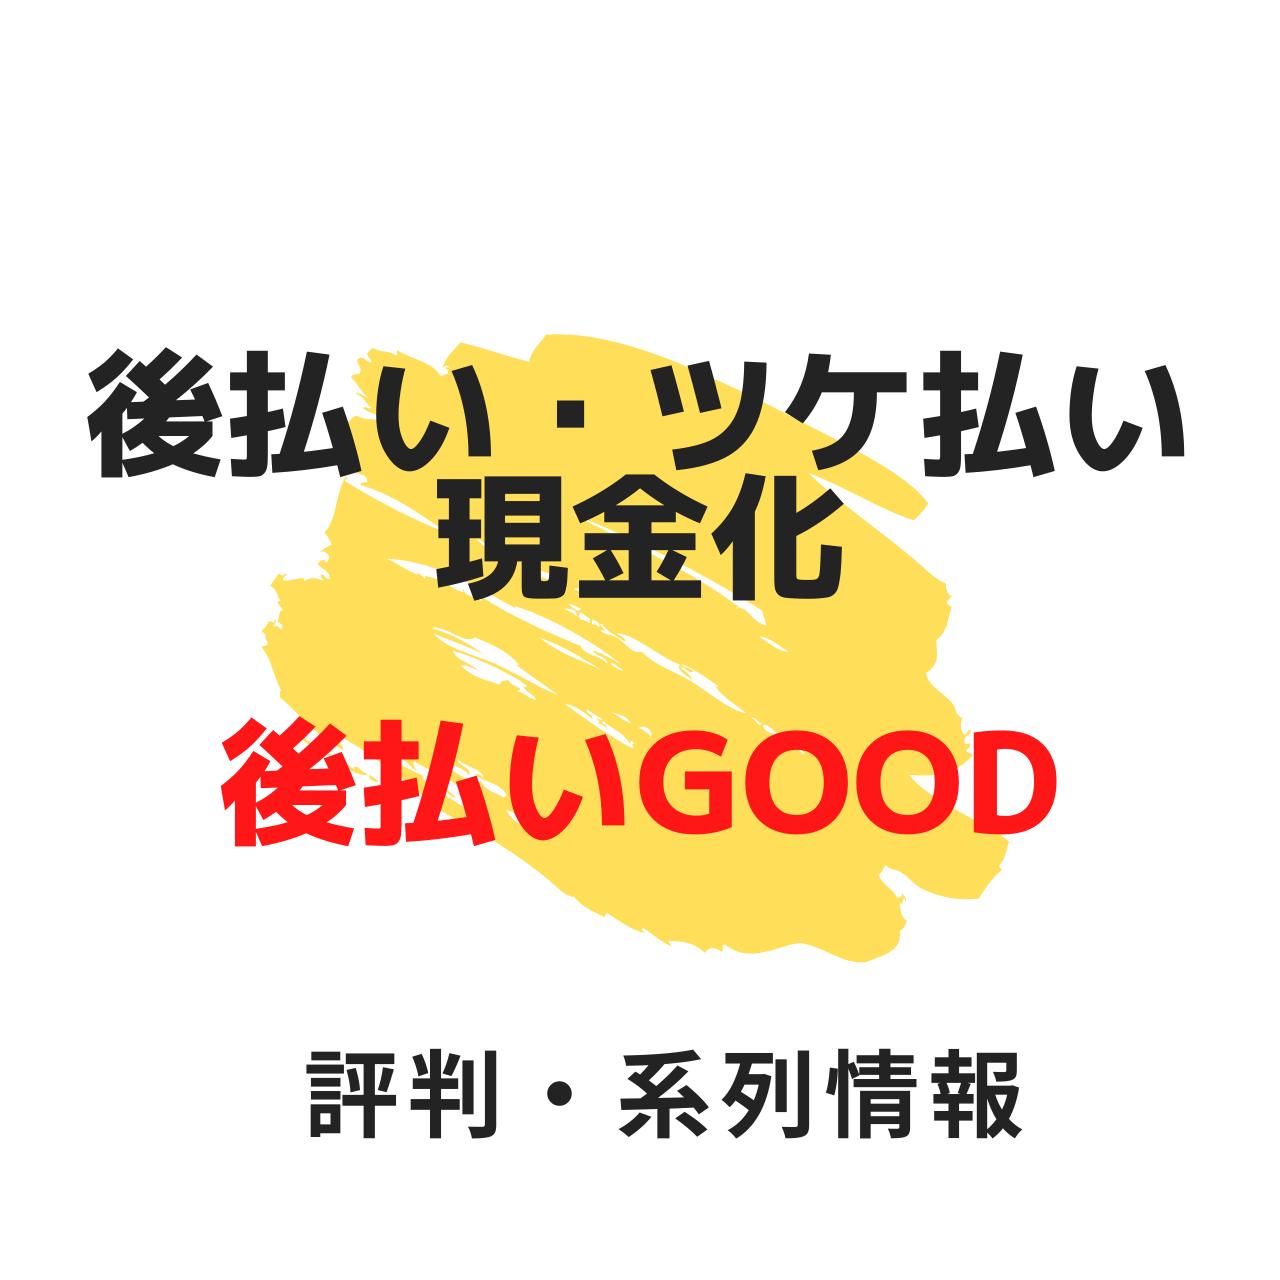 【危険!?】後払いGOODの評判・系列情報を調査